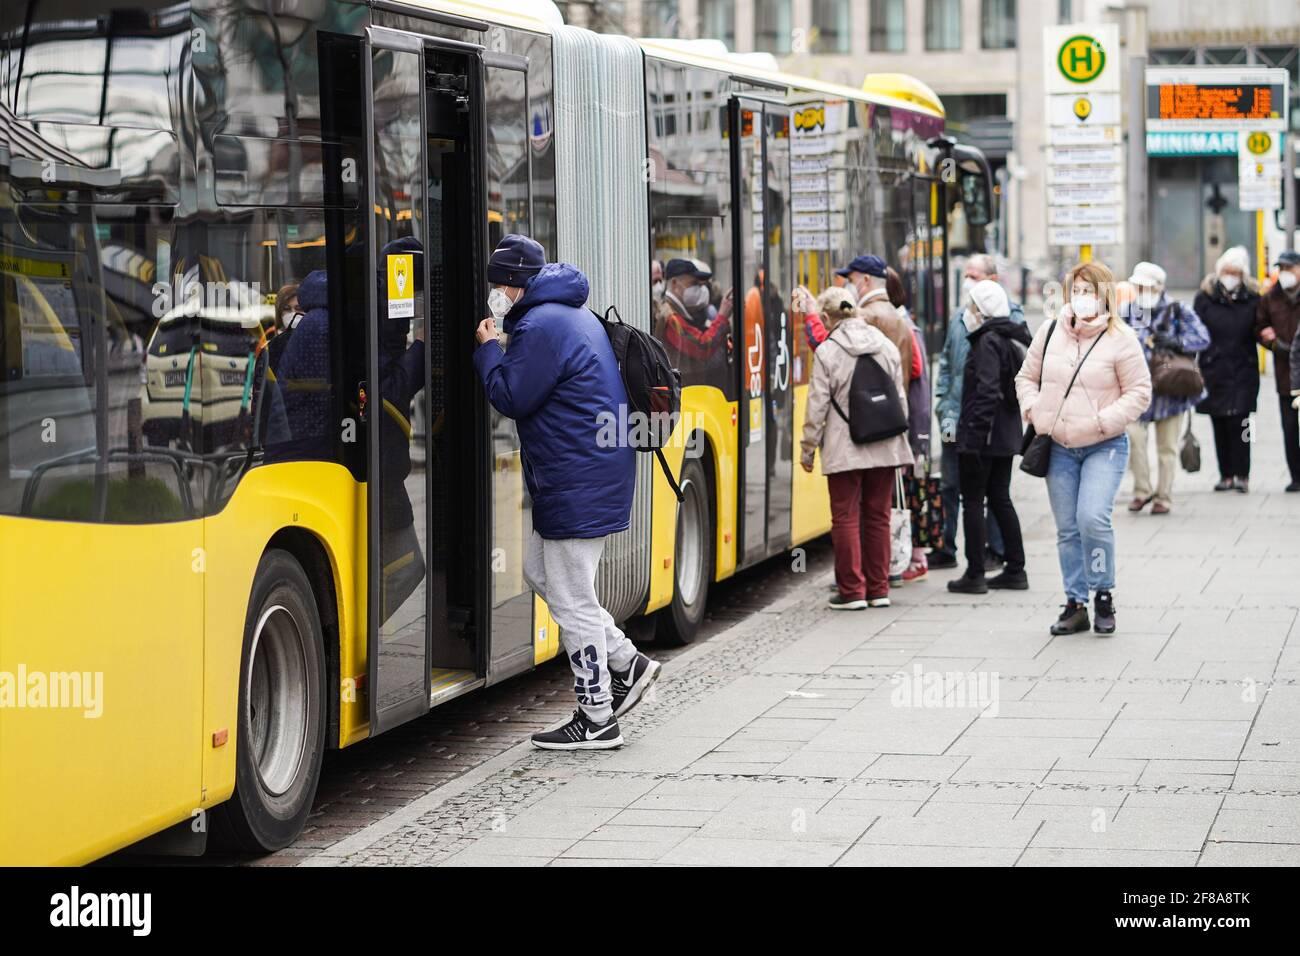 Berlin, Deutschland. April 2021. Am 12. April 2021 wird in Berlin, der Hauptstadt Deutschlands, ein Bus einsteigen. Nach Angaben des Robert Koch-Instituts (RKI) wurden am Montag seit Ausbruch der Pandemie mehr als drei Millionen COVID-19-Infektionen in Deutschland registriert. Quelle: Stefan Zeitz/Xinhua/Alamy Live News Stockfoto